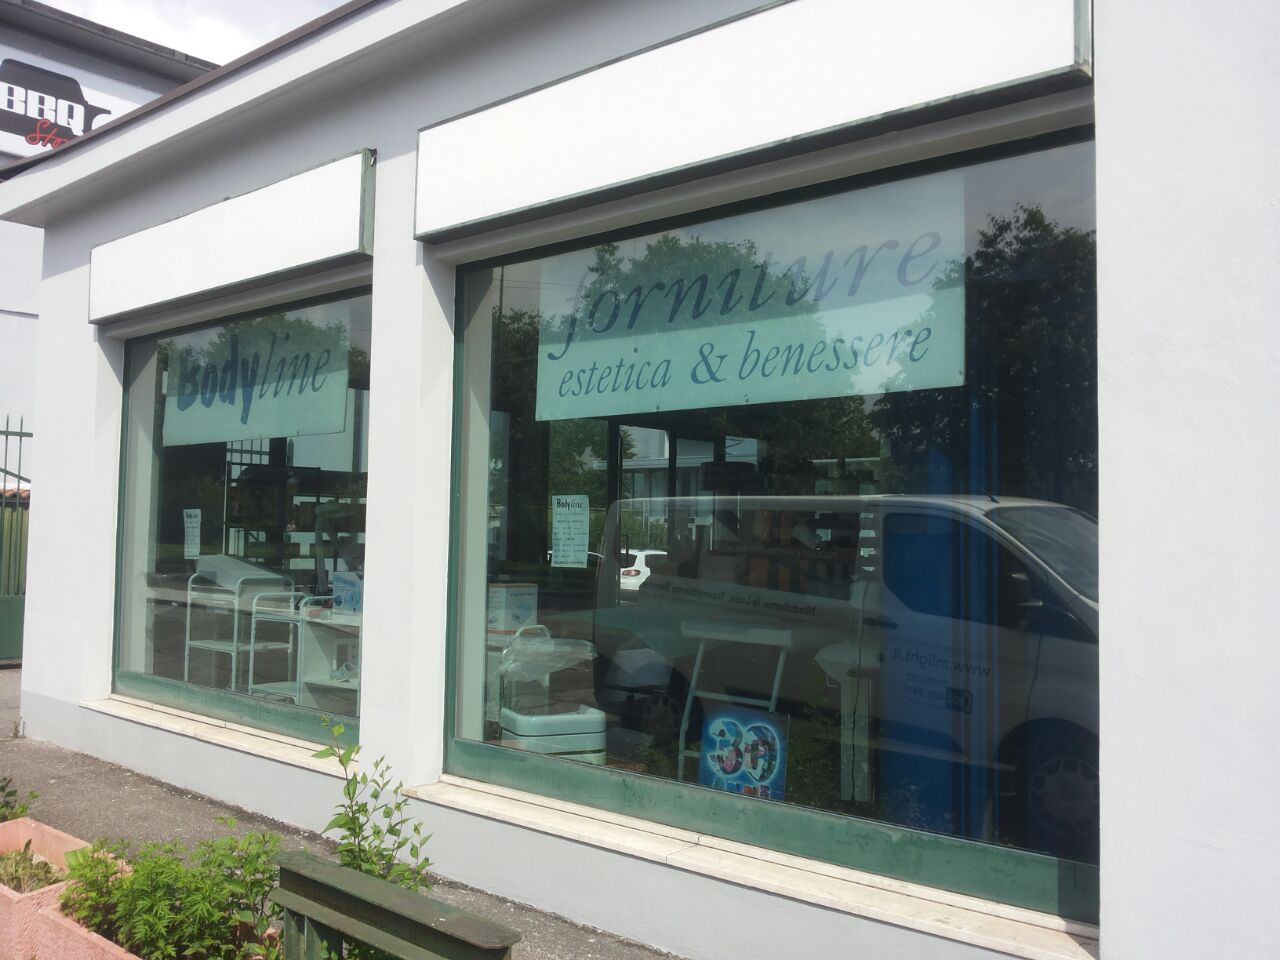 Pellicole trasparenti selettive mlight pellicole per vetri - Pellicole per vetri casa ...